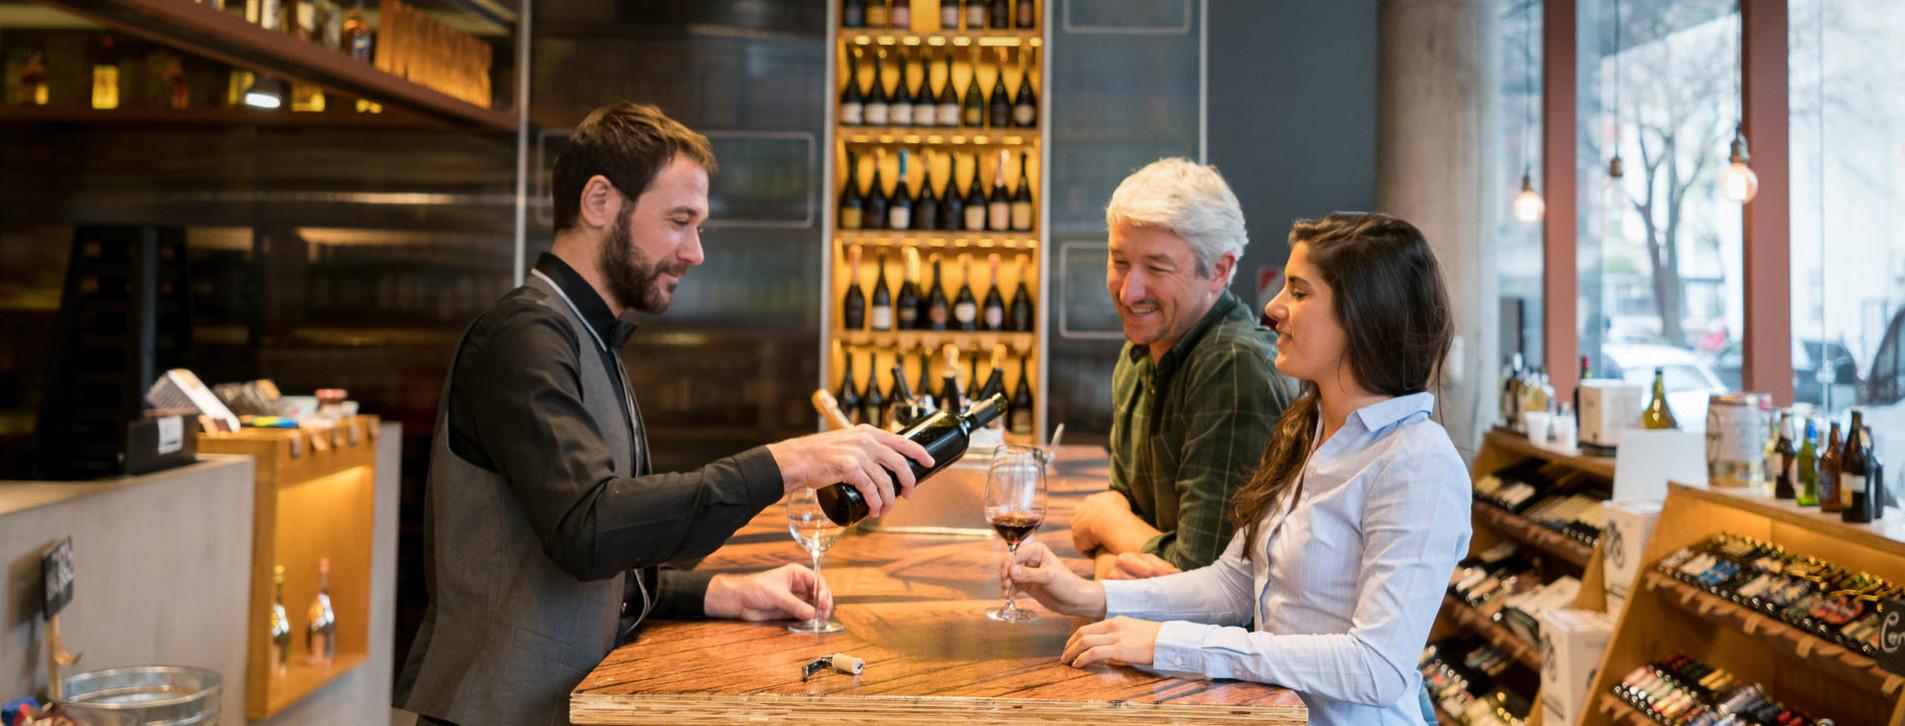 Инсентив-тур в Мадрид (team building – создай свое вино)